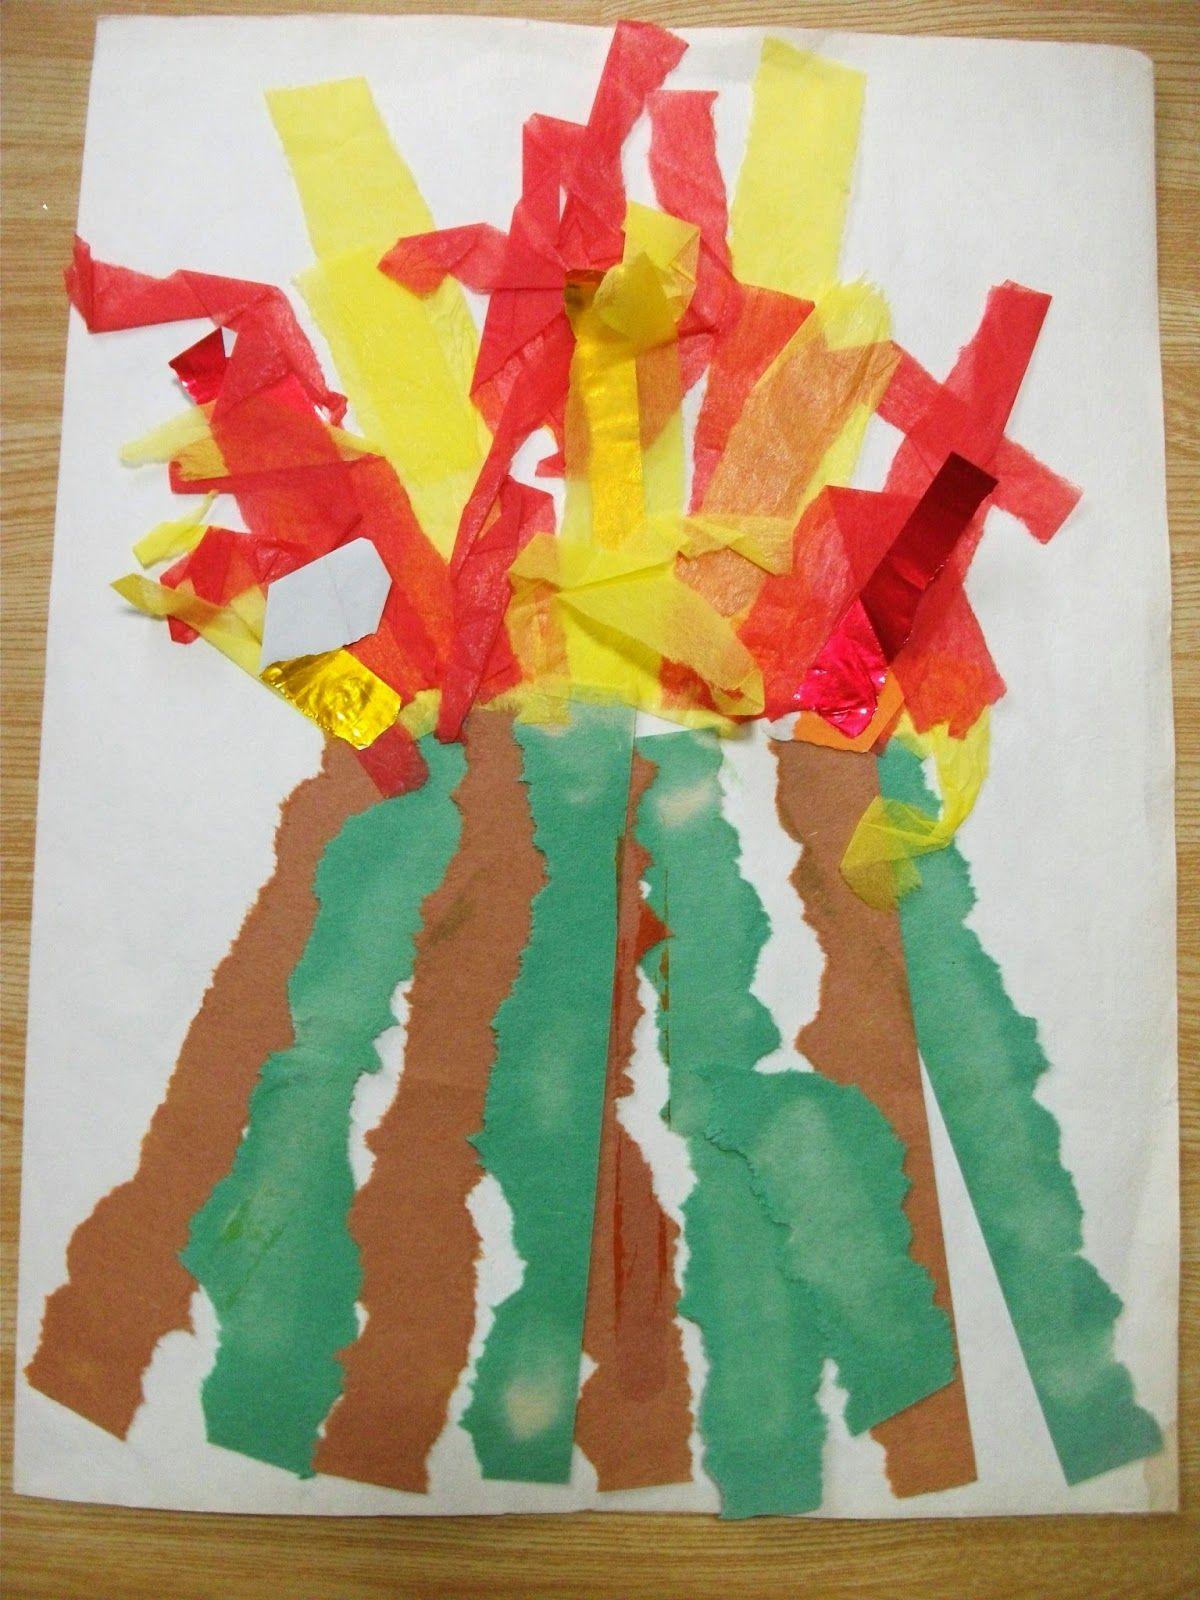 Volcano Craft for Preschoolers